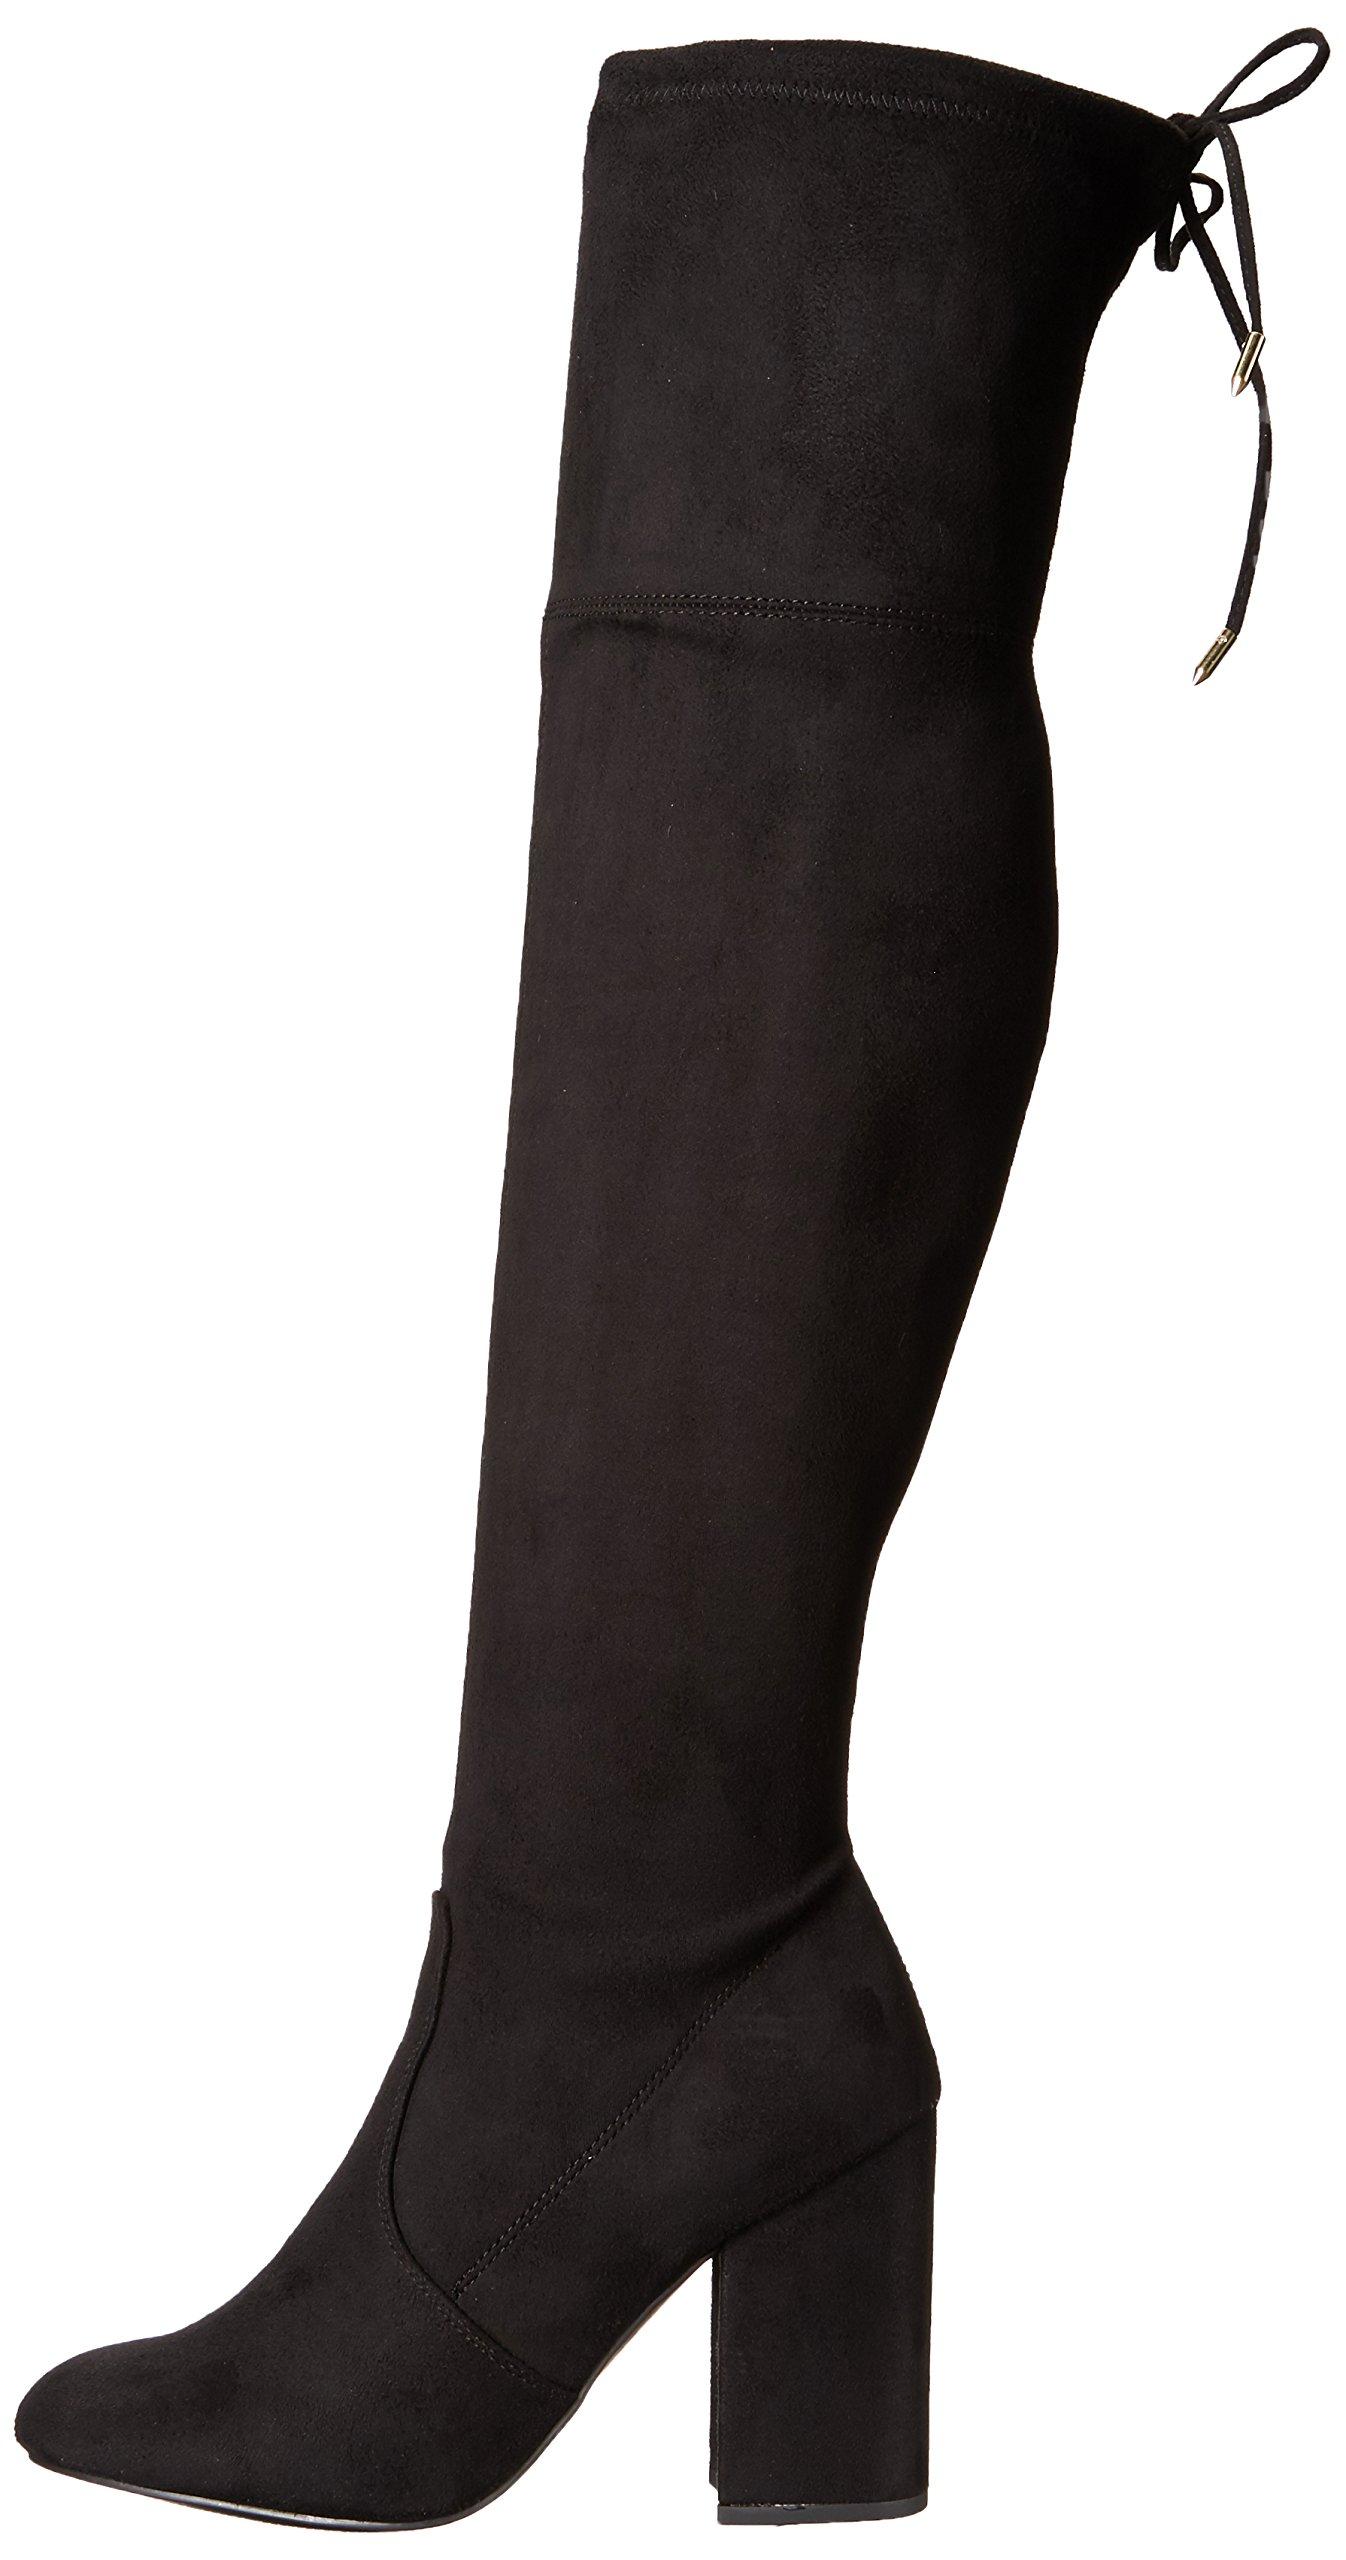 Steve Madden Women's Niela Over The Knee Boot, Black, 10 M US by Steve Madden (Image #5)